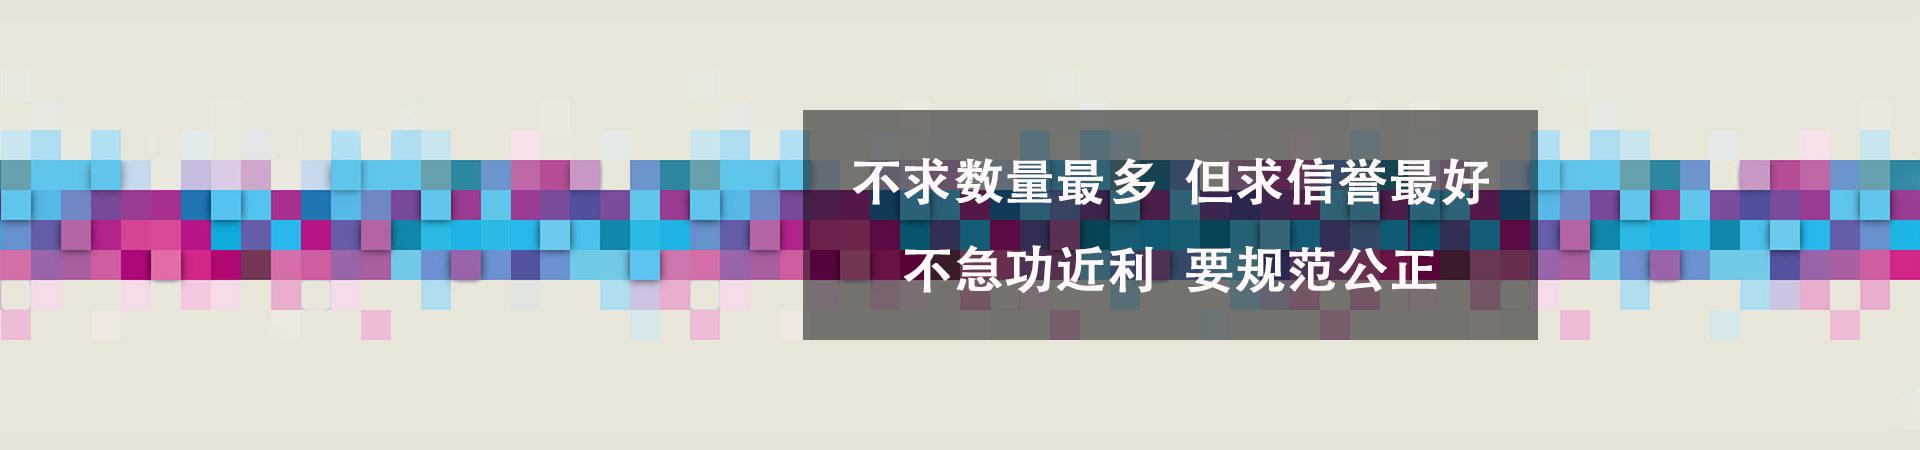 质量管理体系认证就找京川证服